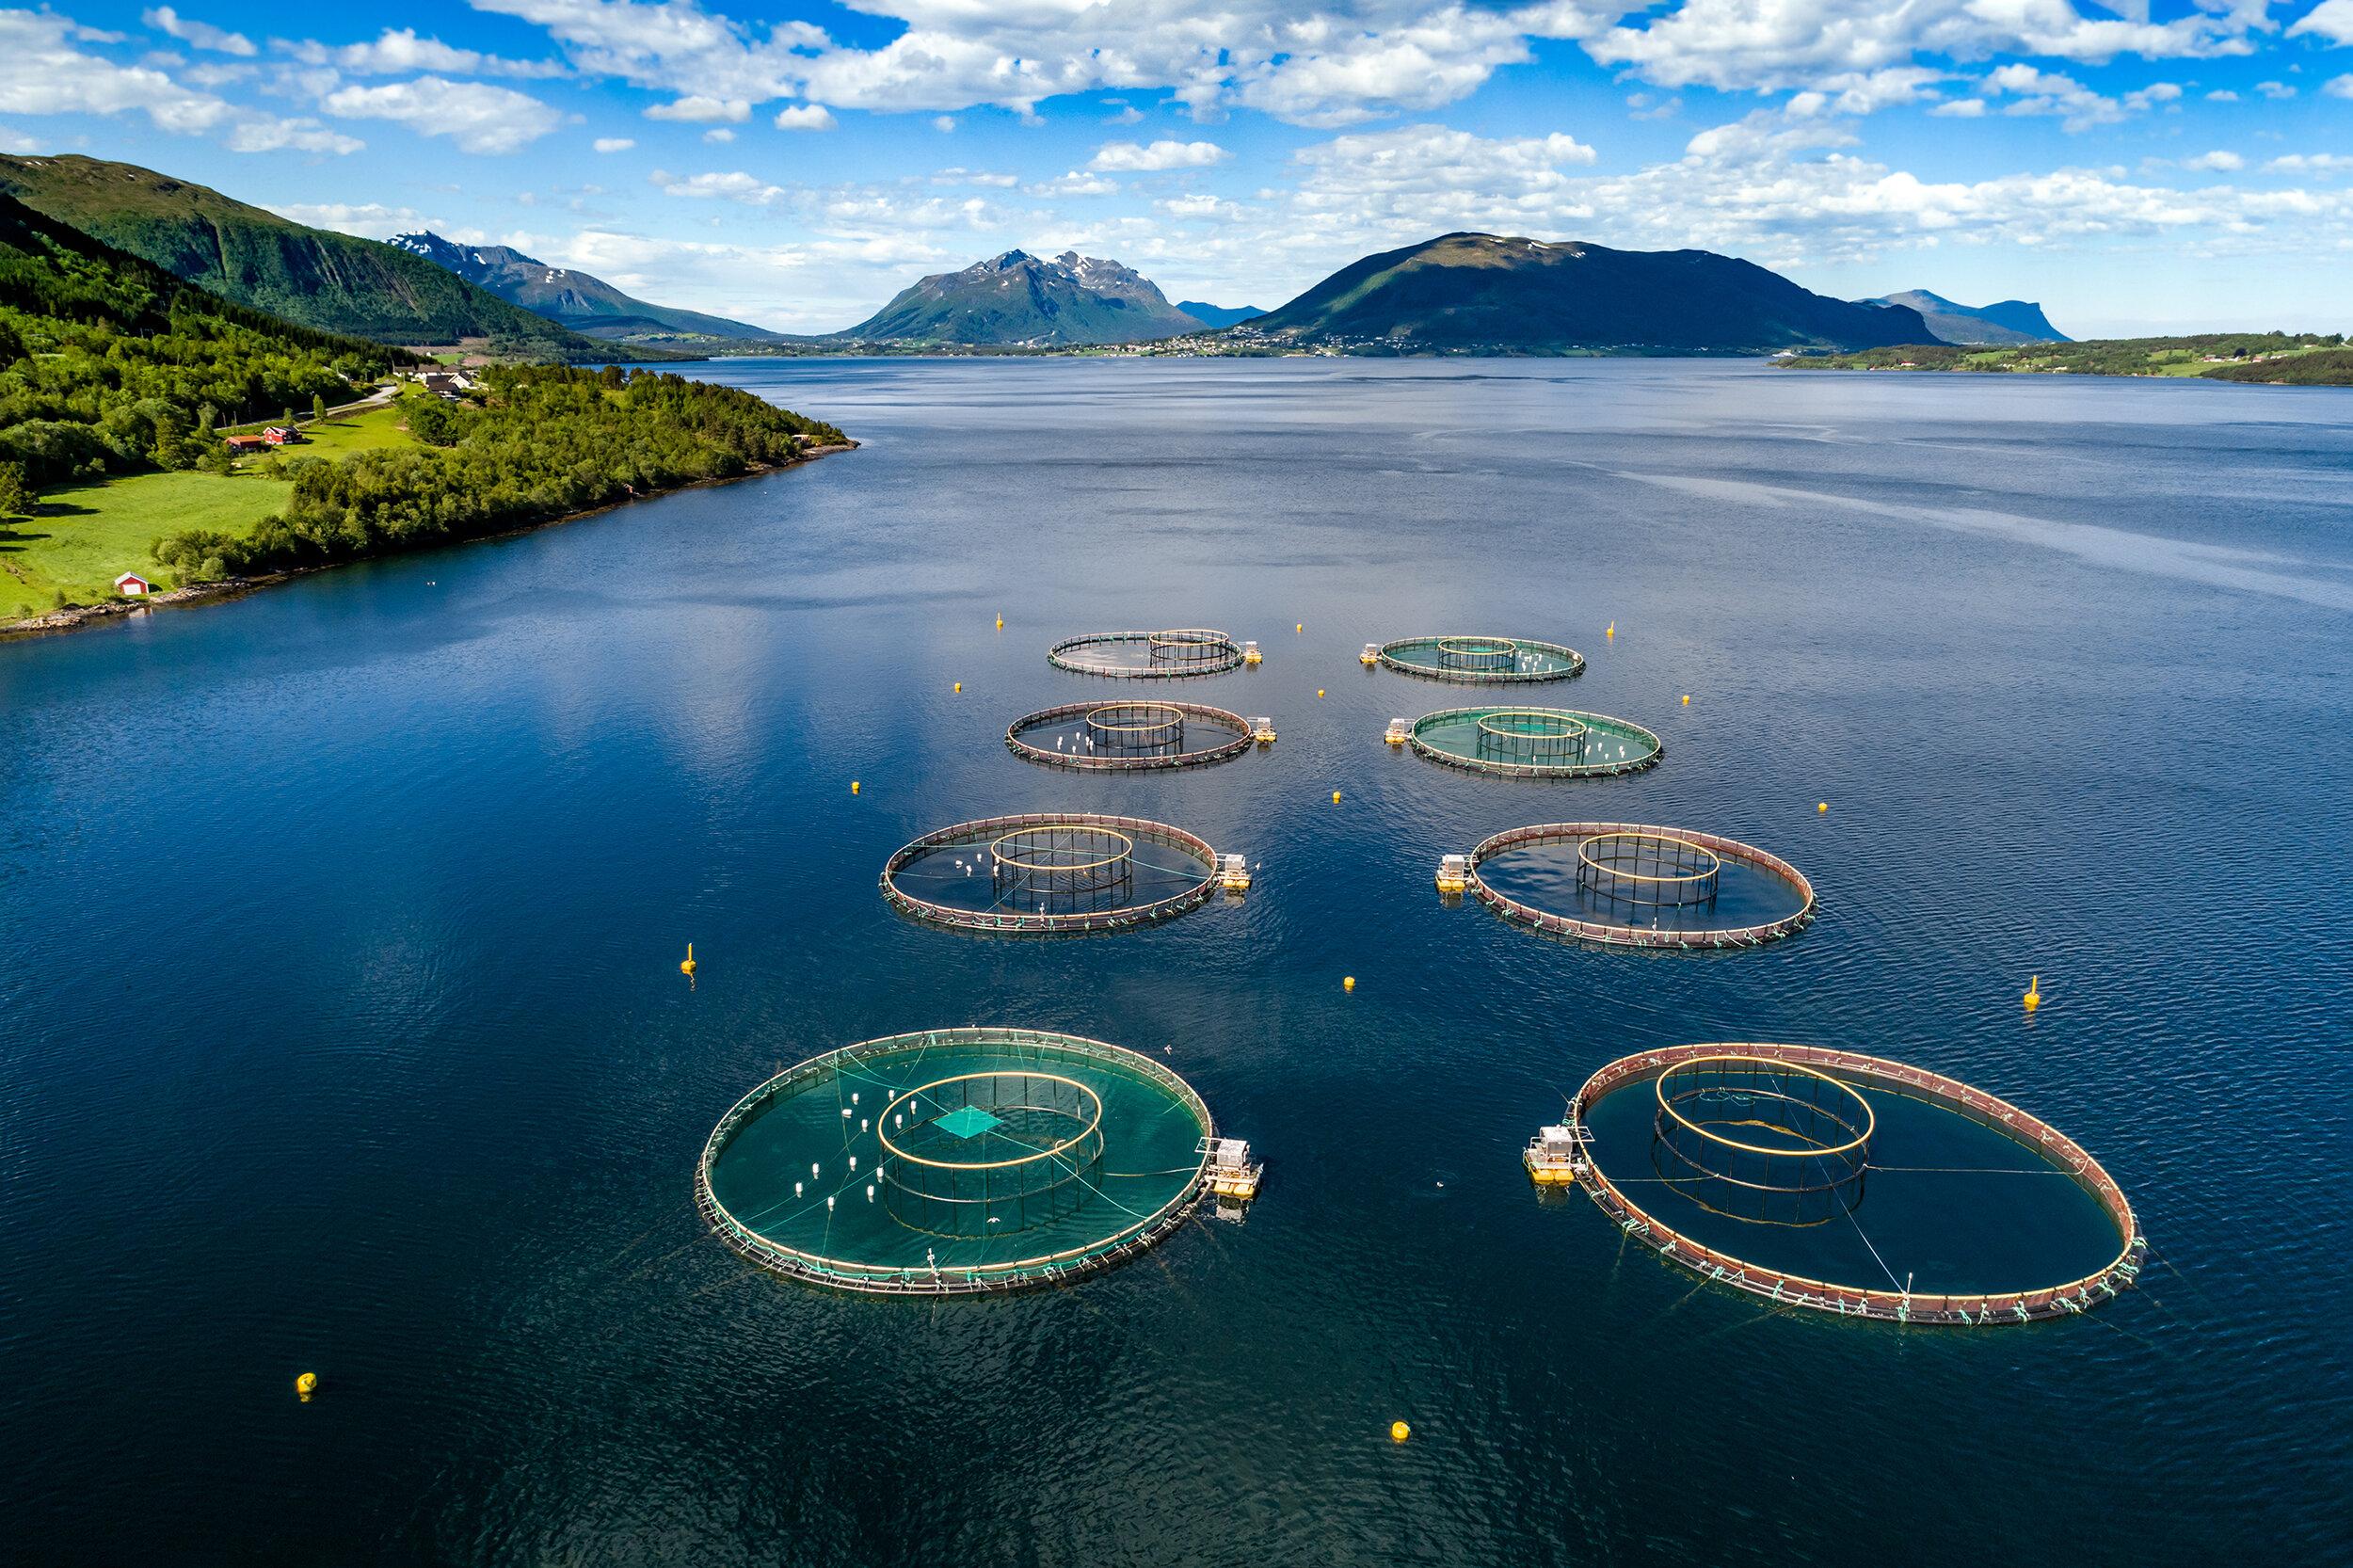 Farm-salmon-fishing-Aerial-FPV-drone-photography.-862270944_3002x2000_lav.jpg